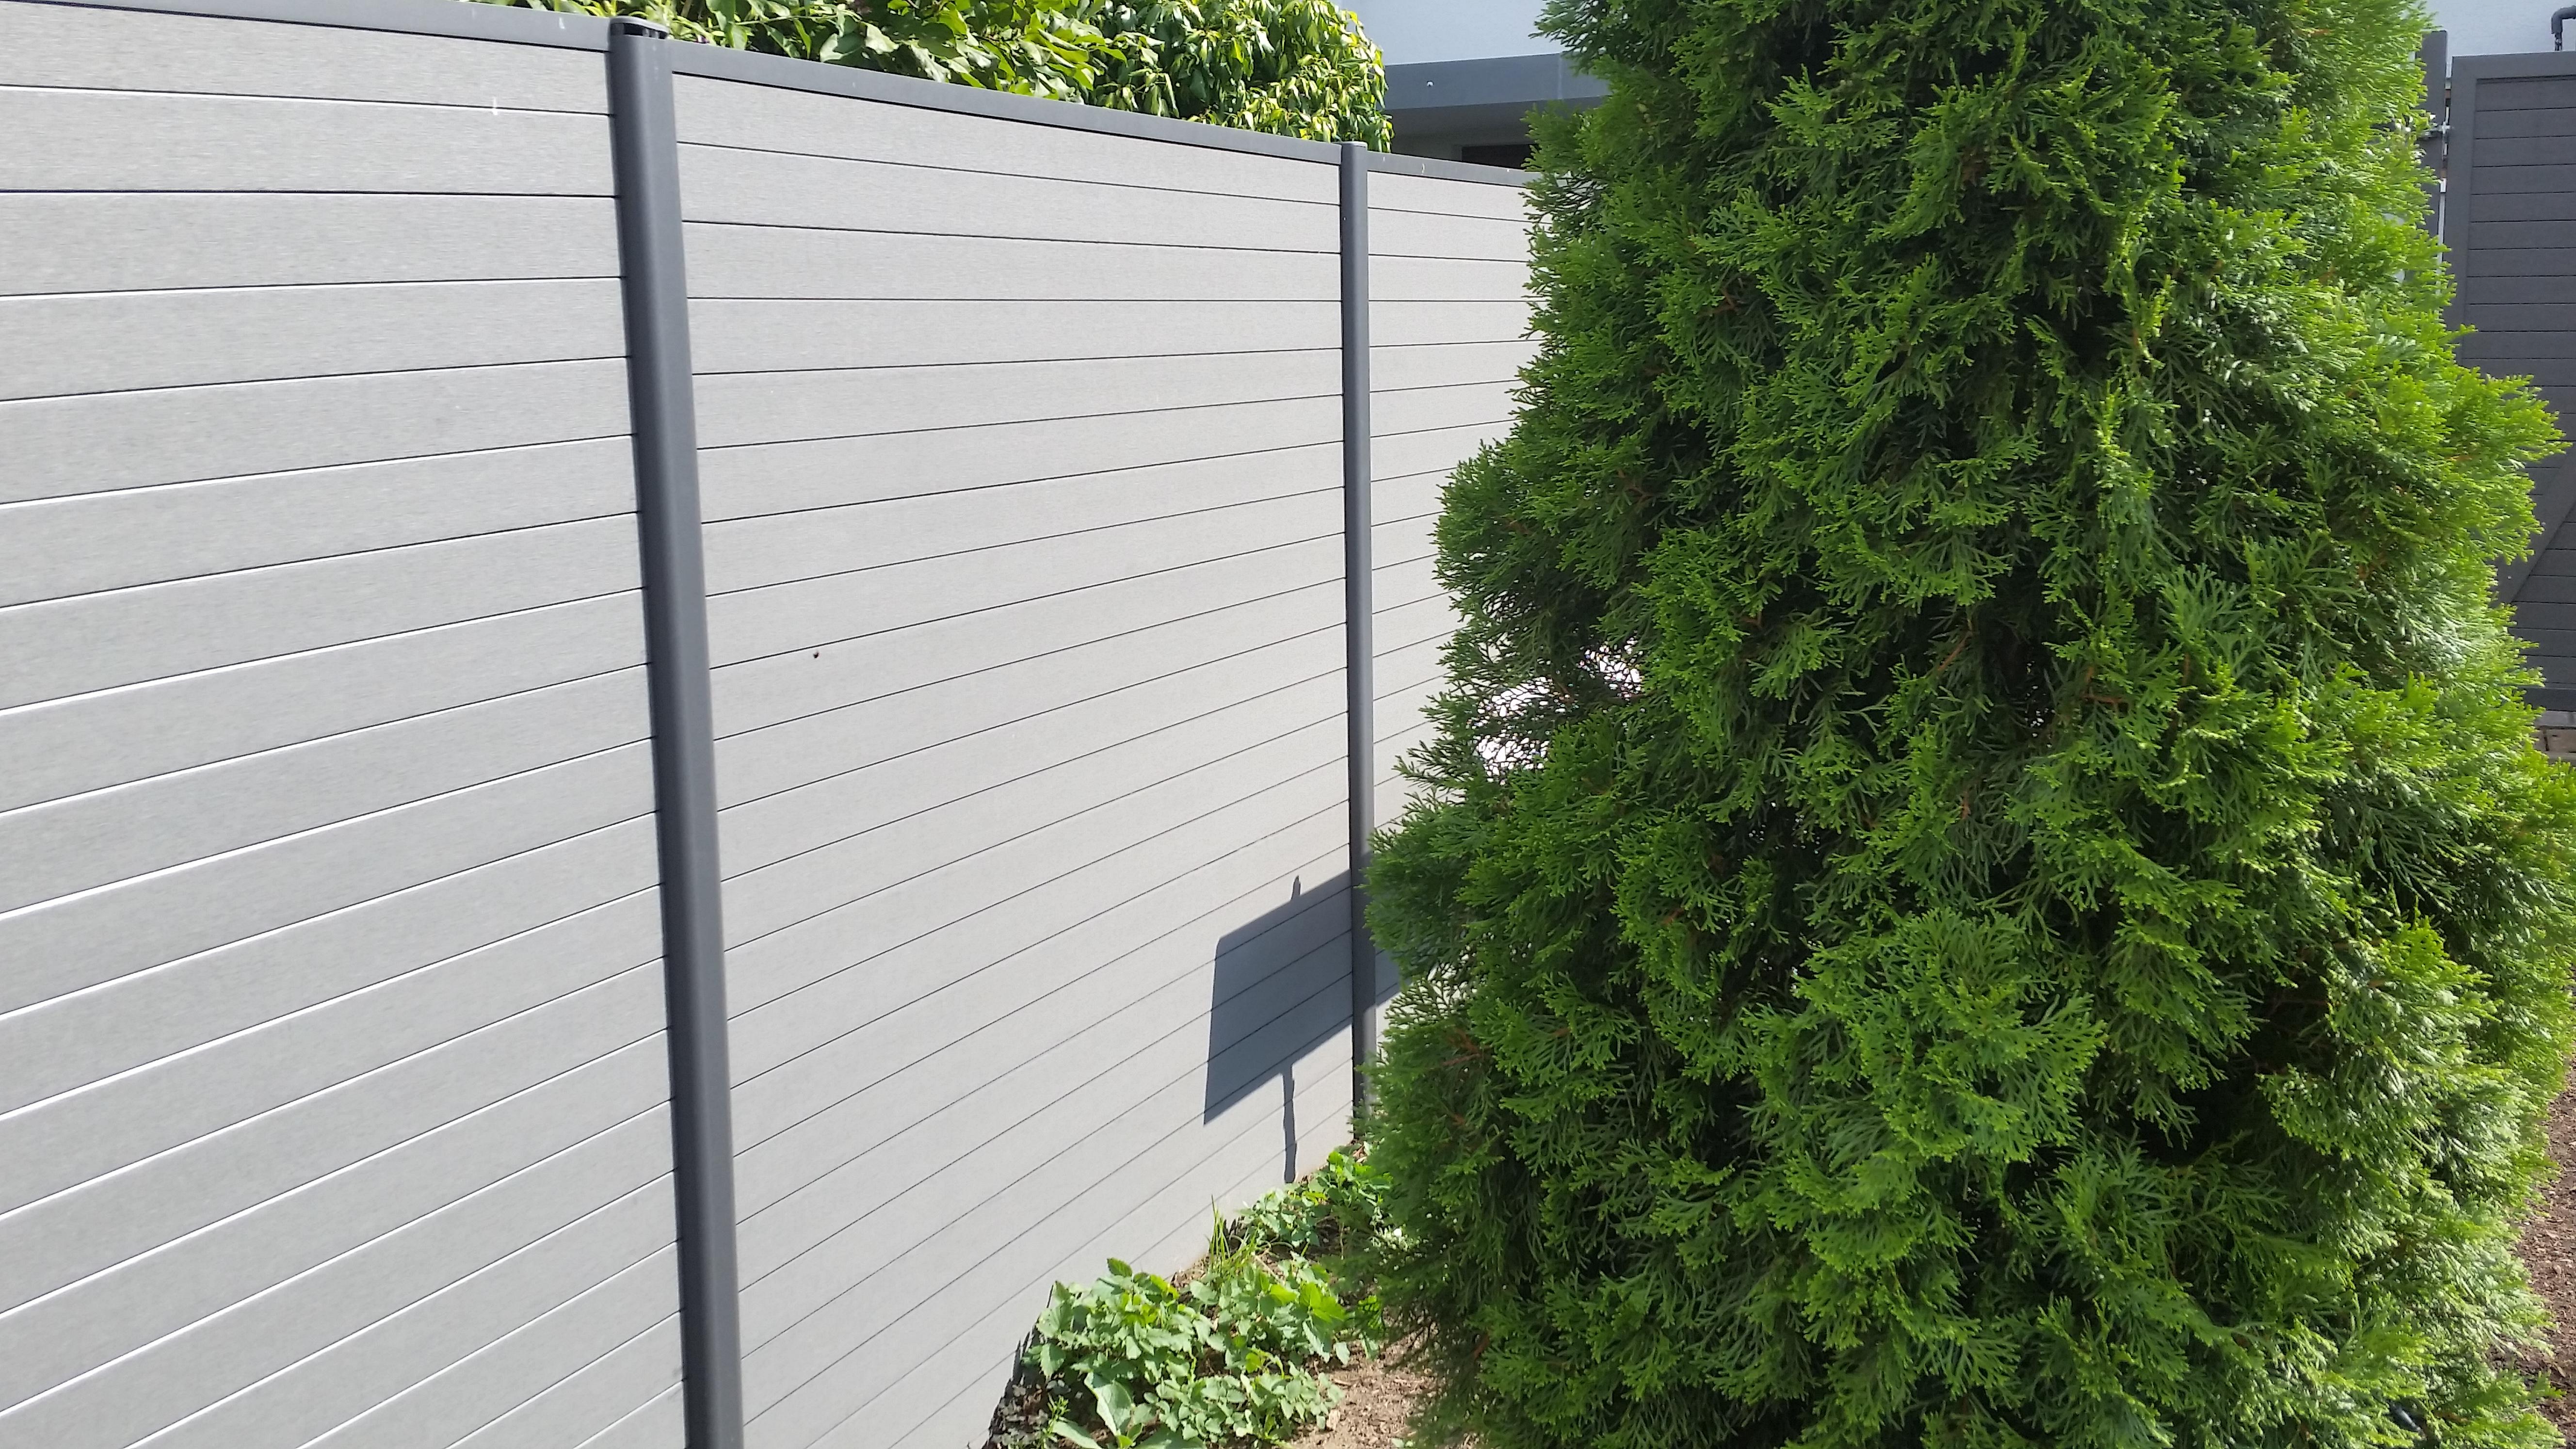 Ratgeber Sichtschutzzaun Von Holz Bis Wpc Ratgeber Haus Garten